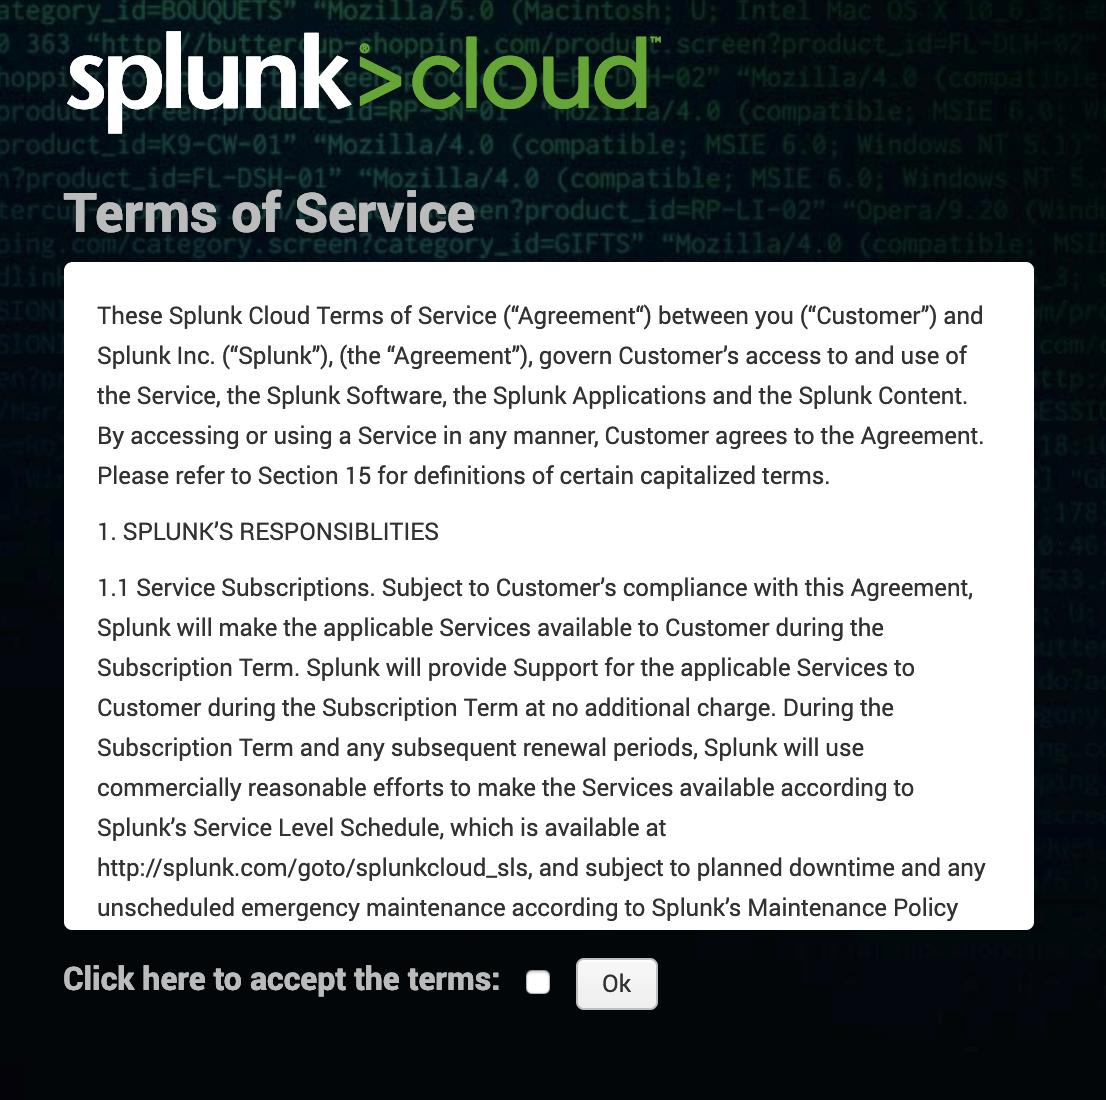 Splunk Cloud terms of service